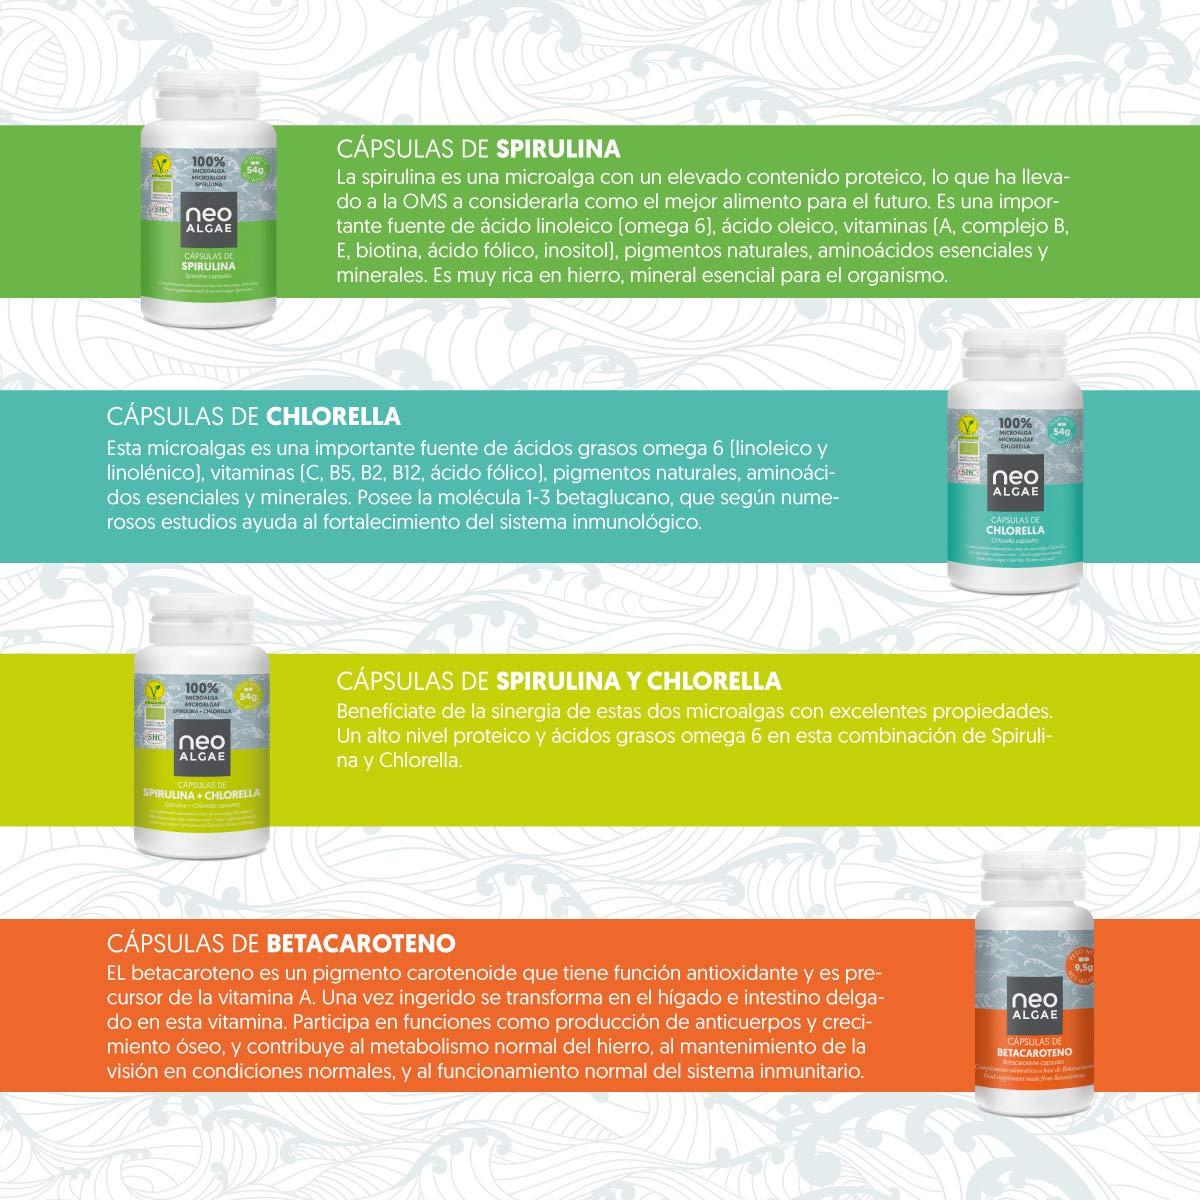 Astaxantina en Cápsulas (5 mg) con Spirulina | Producción 100% Orgánica y Natural | Potente Complejo Antioxidante | 350 mg por Cápsula | 30 Cápsulas por ...